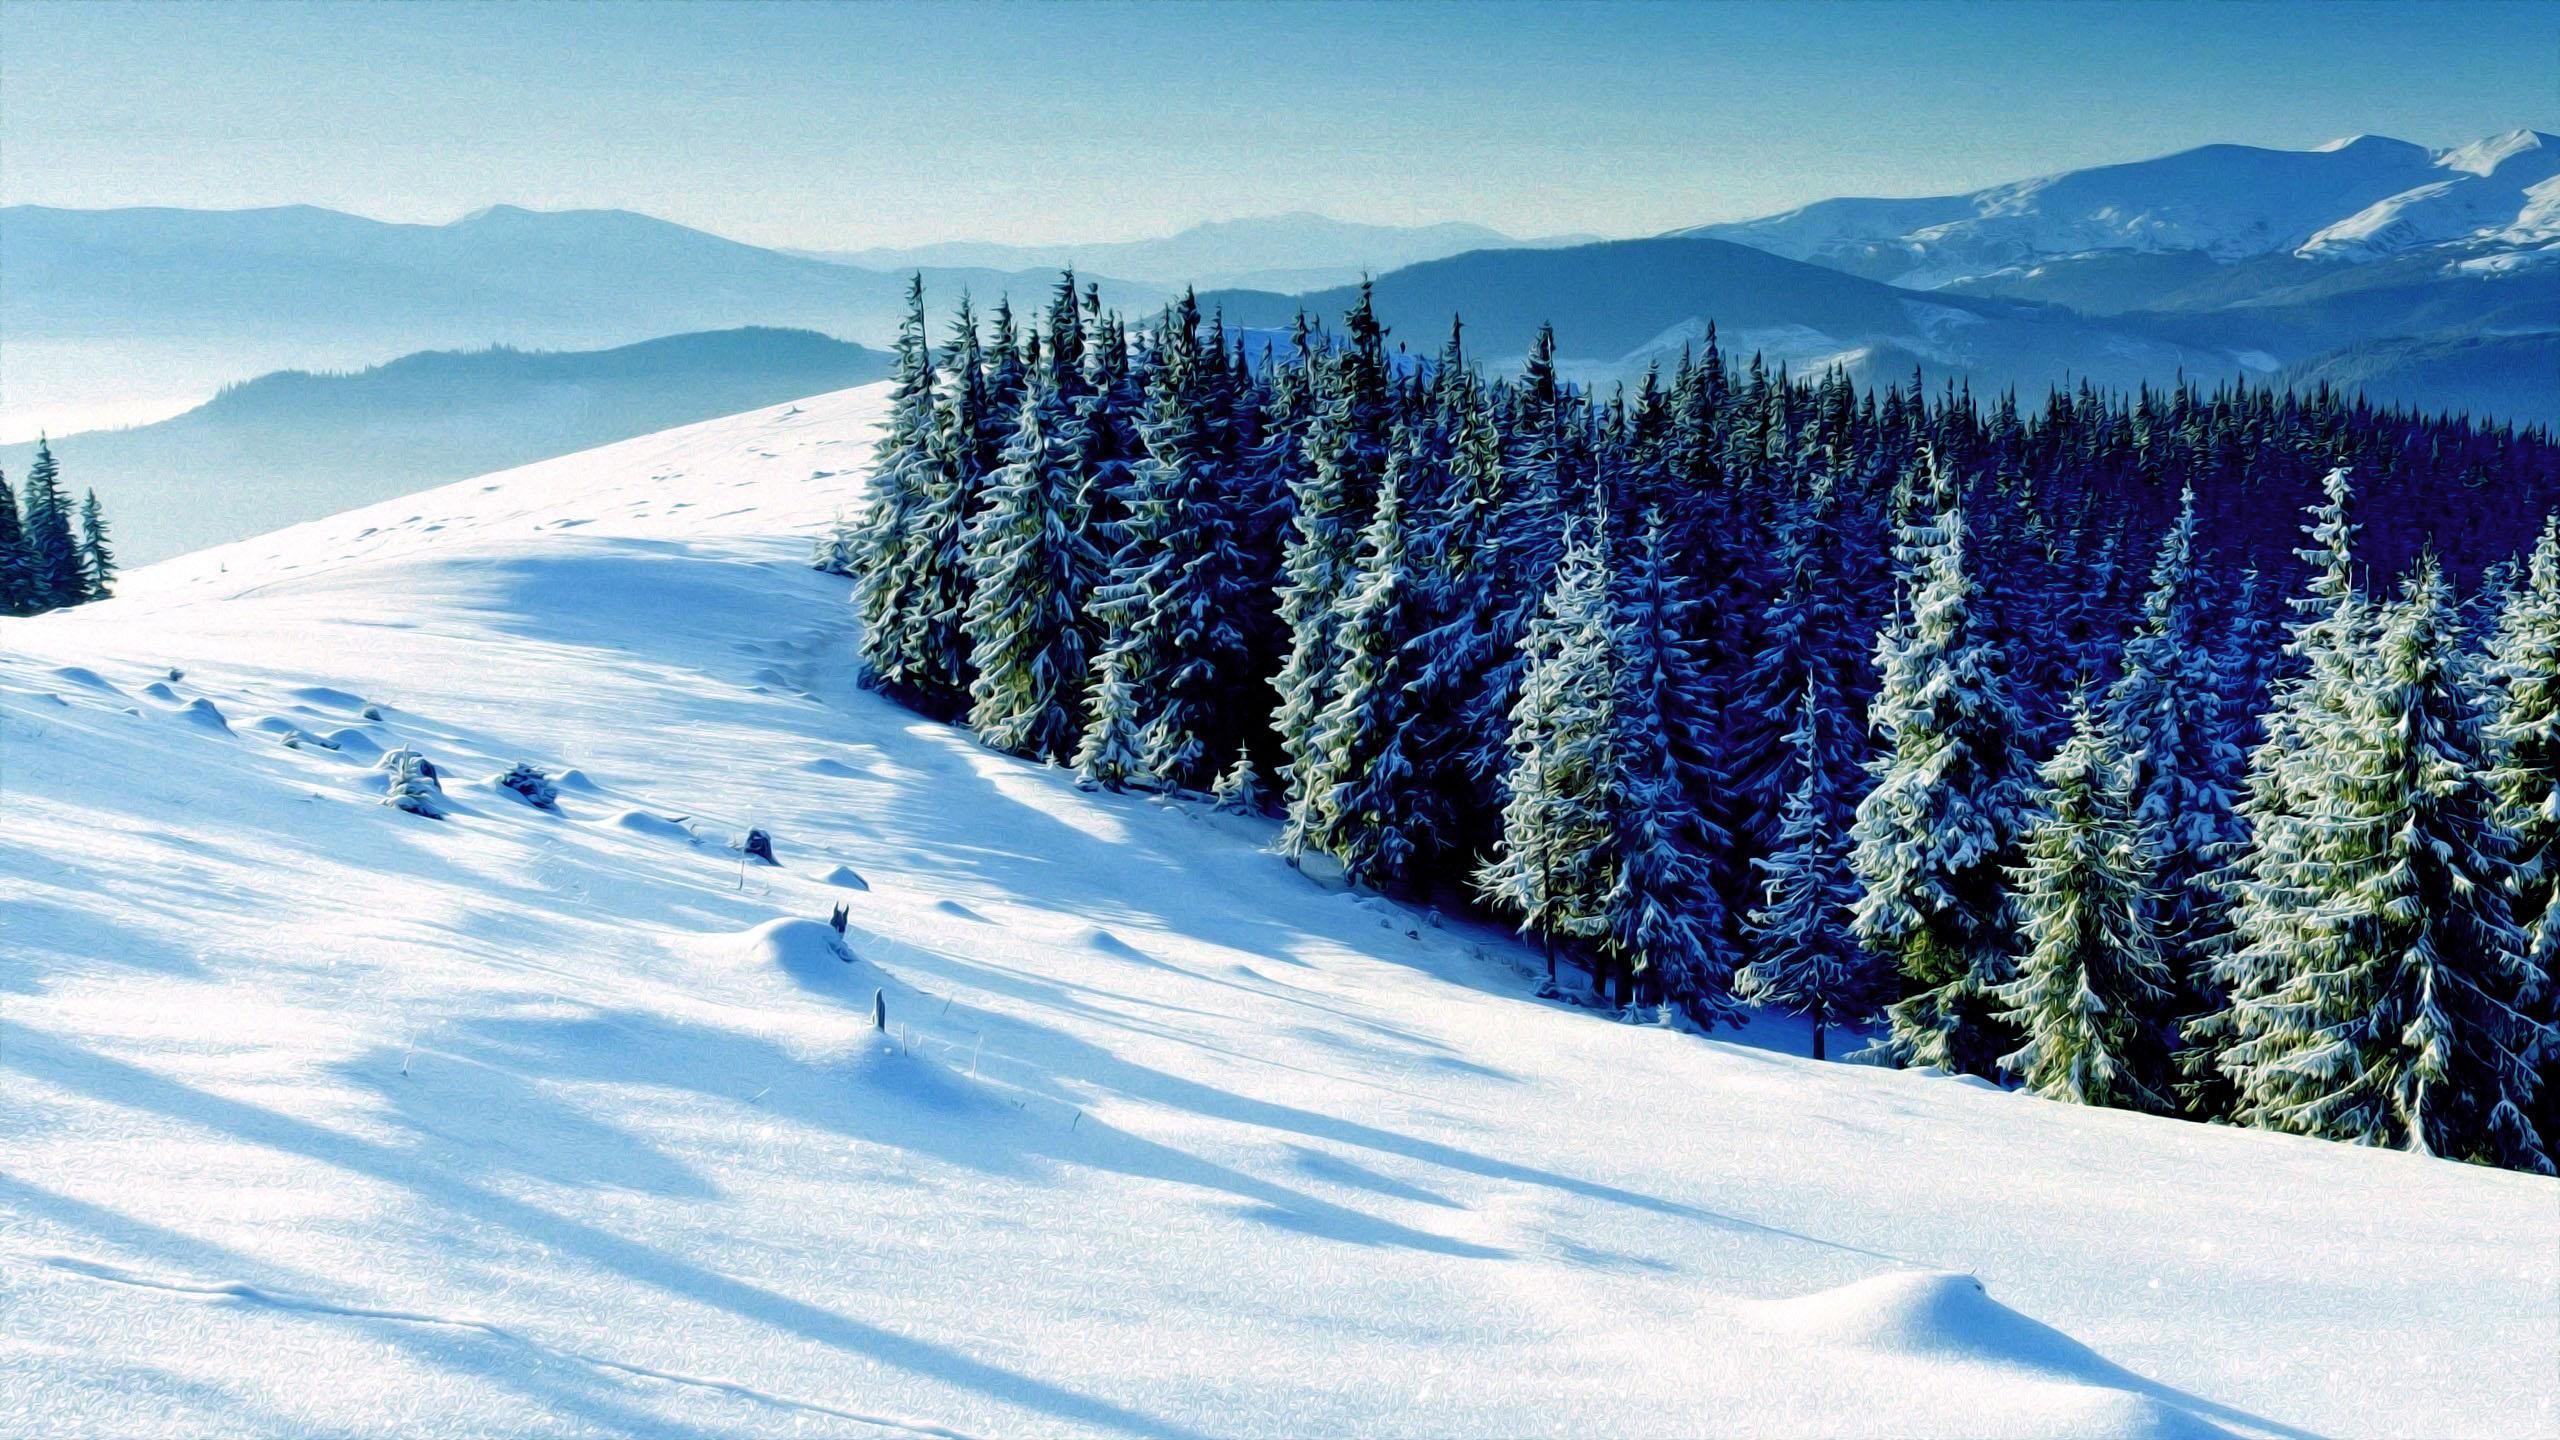 winter scene free desktop wallpapers for widescreen hd